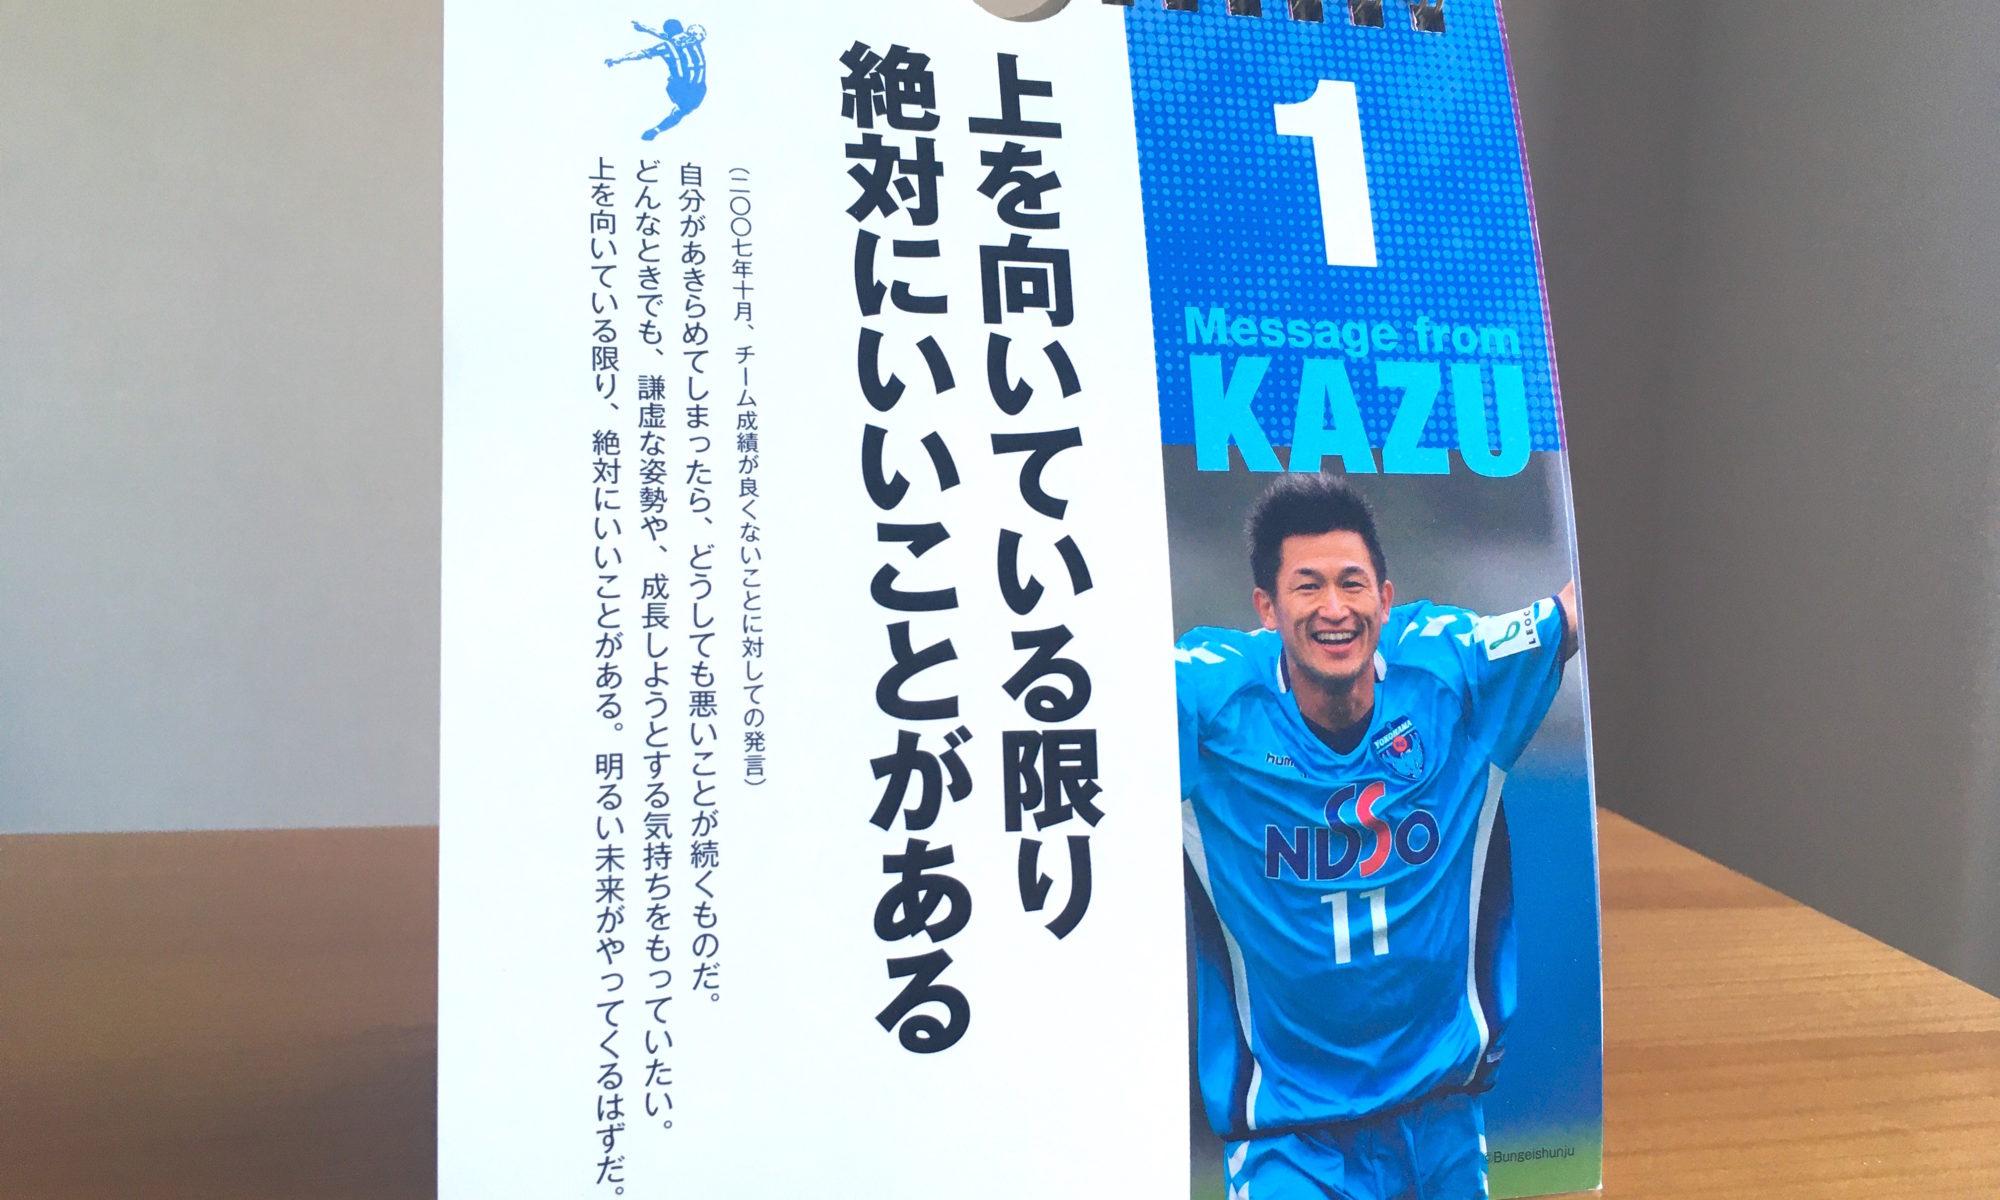 KING KAZU日めくりカレンダー